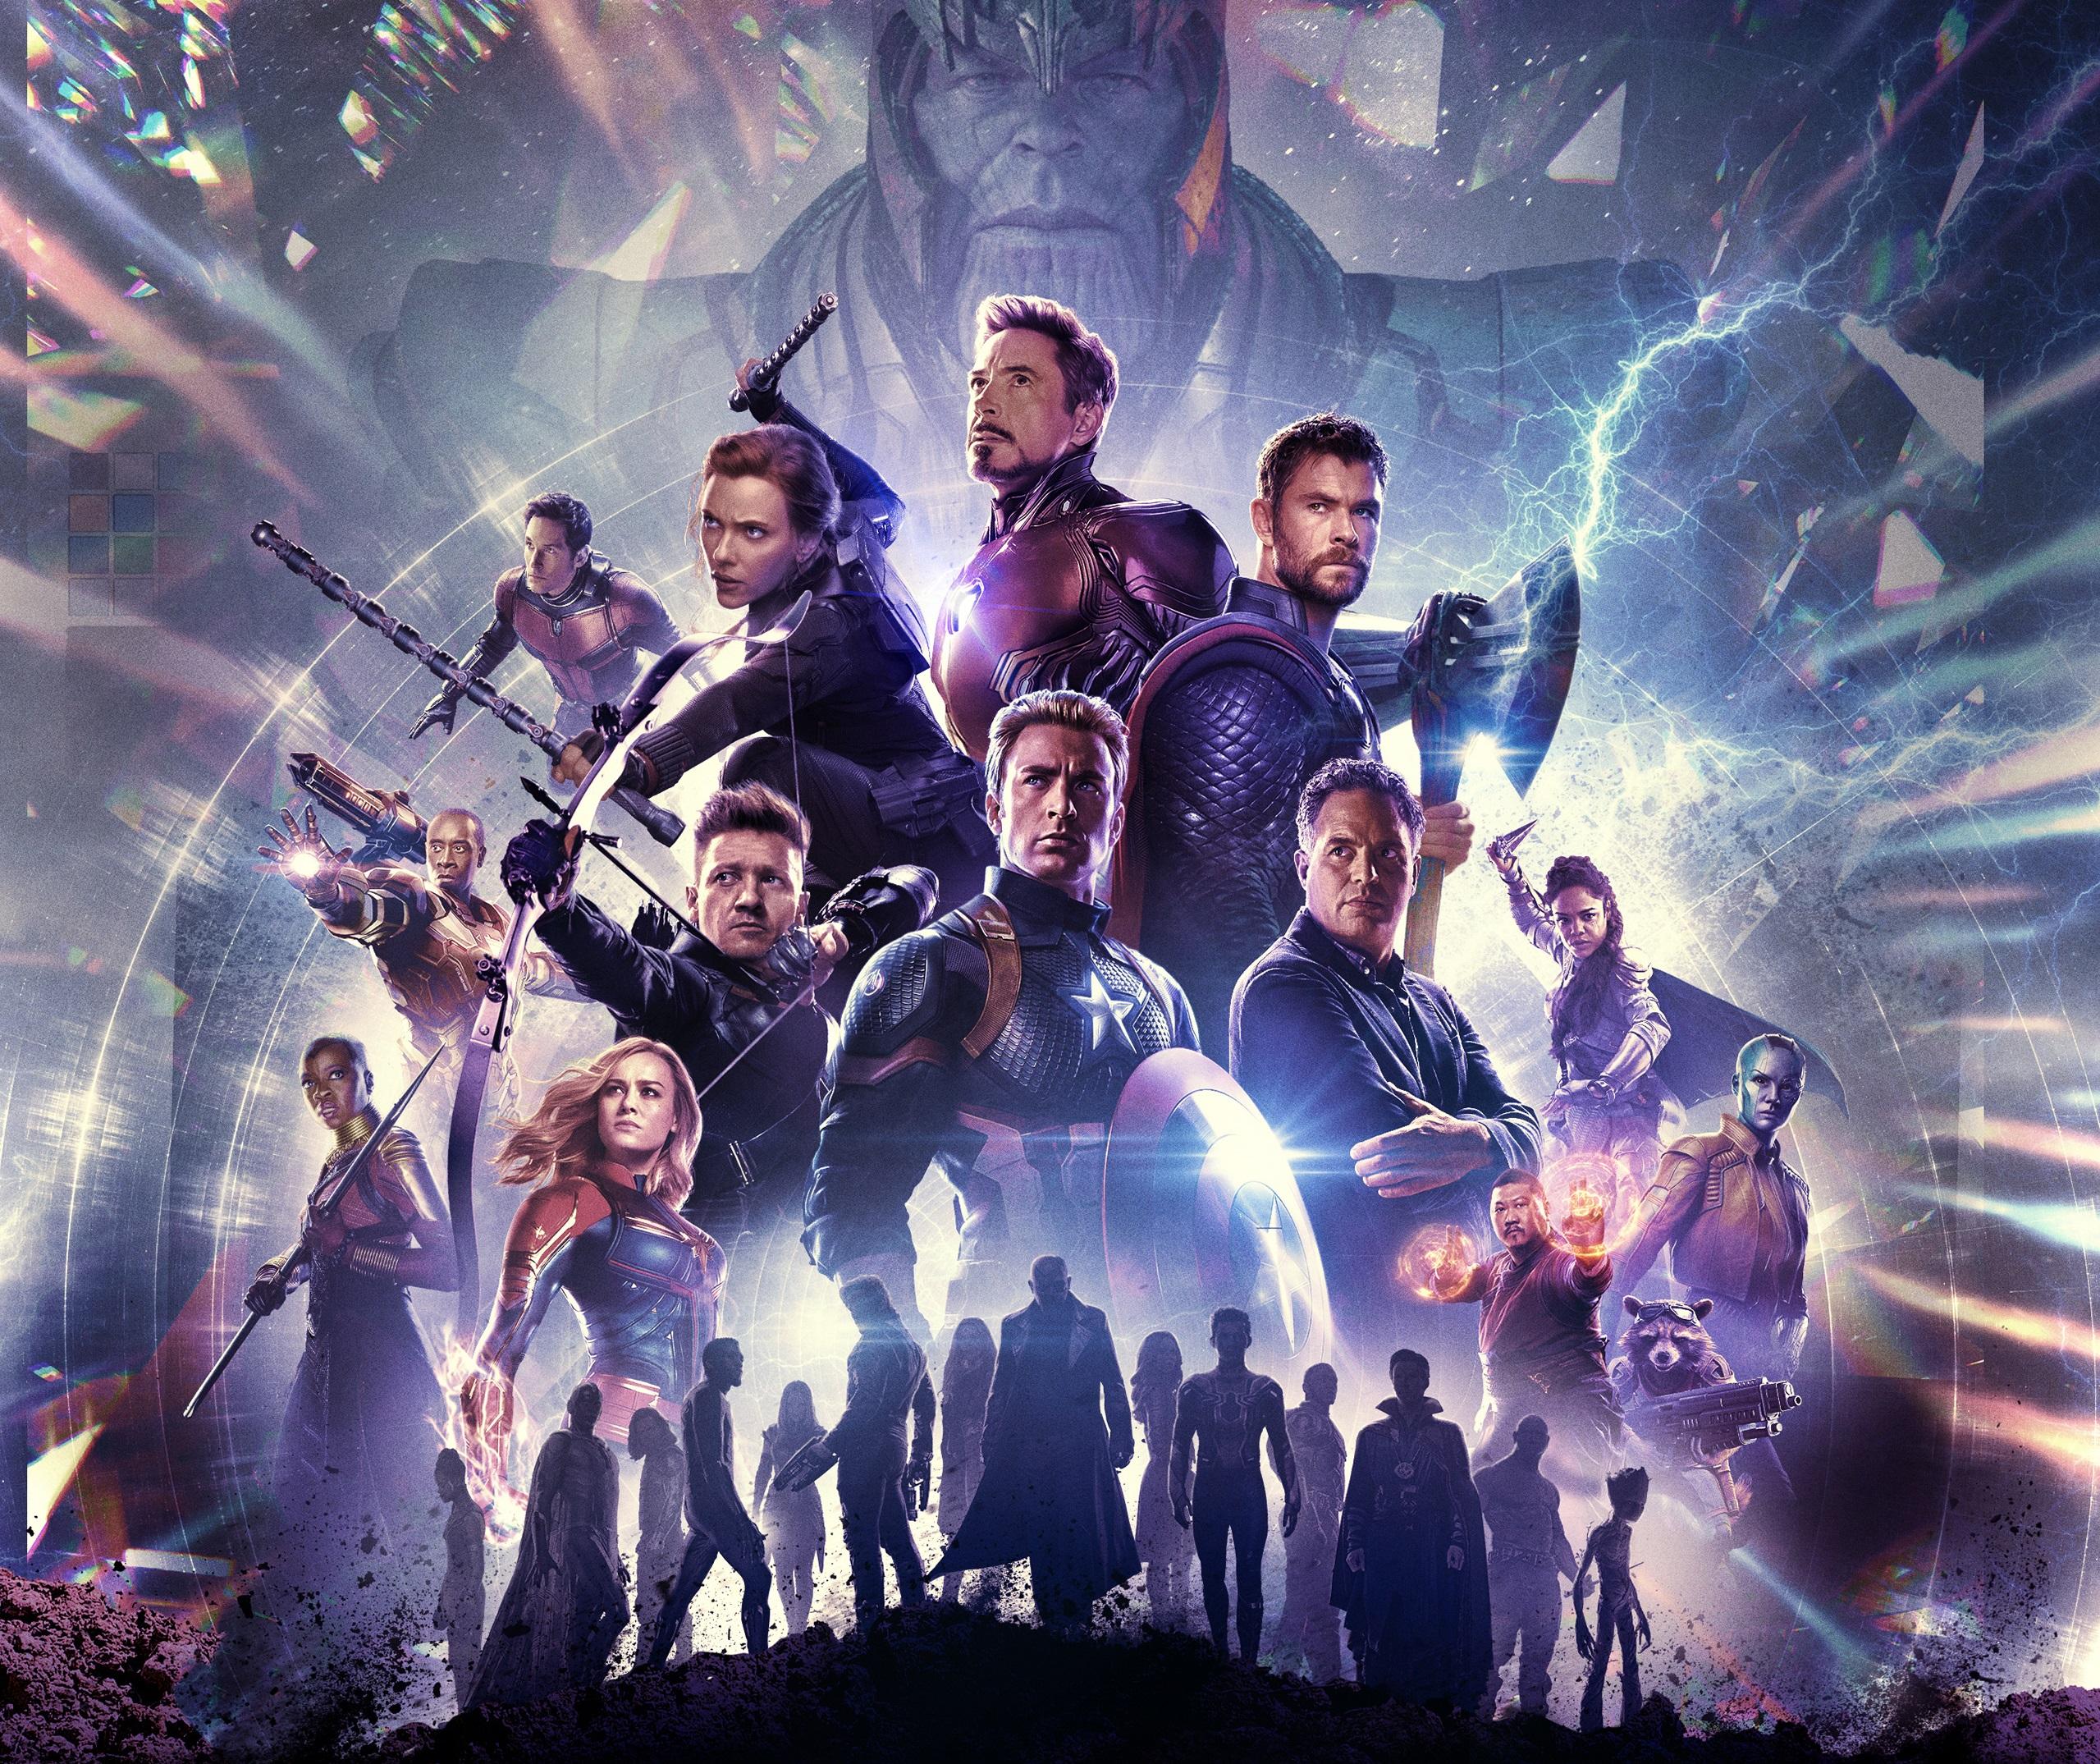 فیلم Avengers: Endgame پرفروشترین فیلم تاریخ سینما